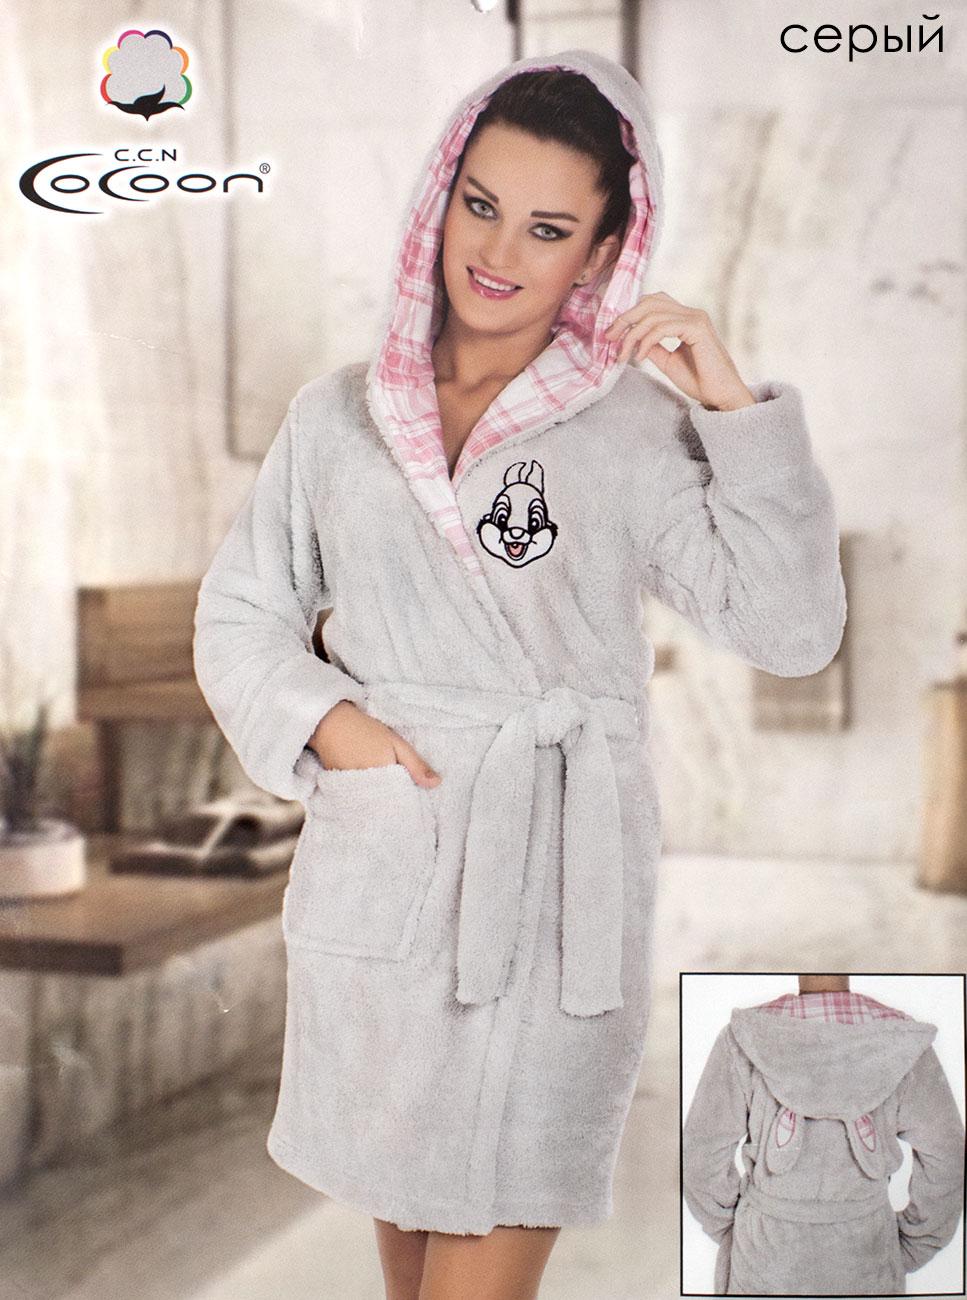 Женский халат из микрофибры с капюшоном 06-5225 Cocoon